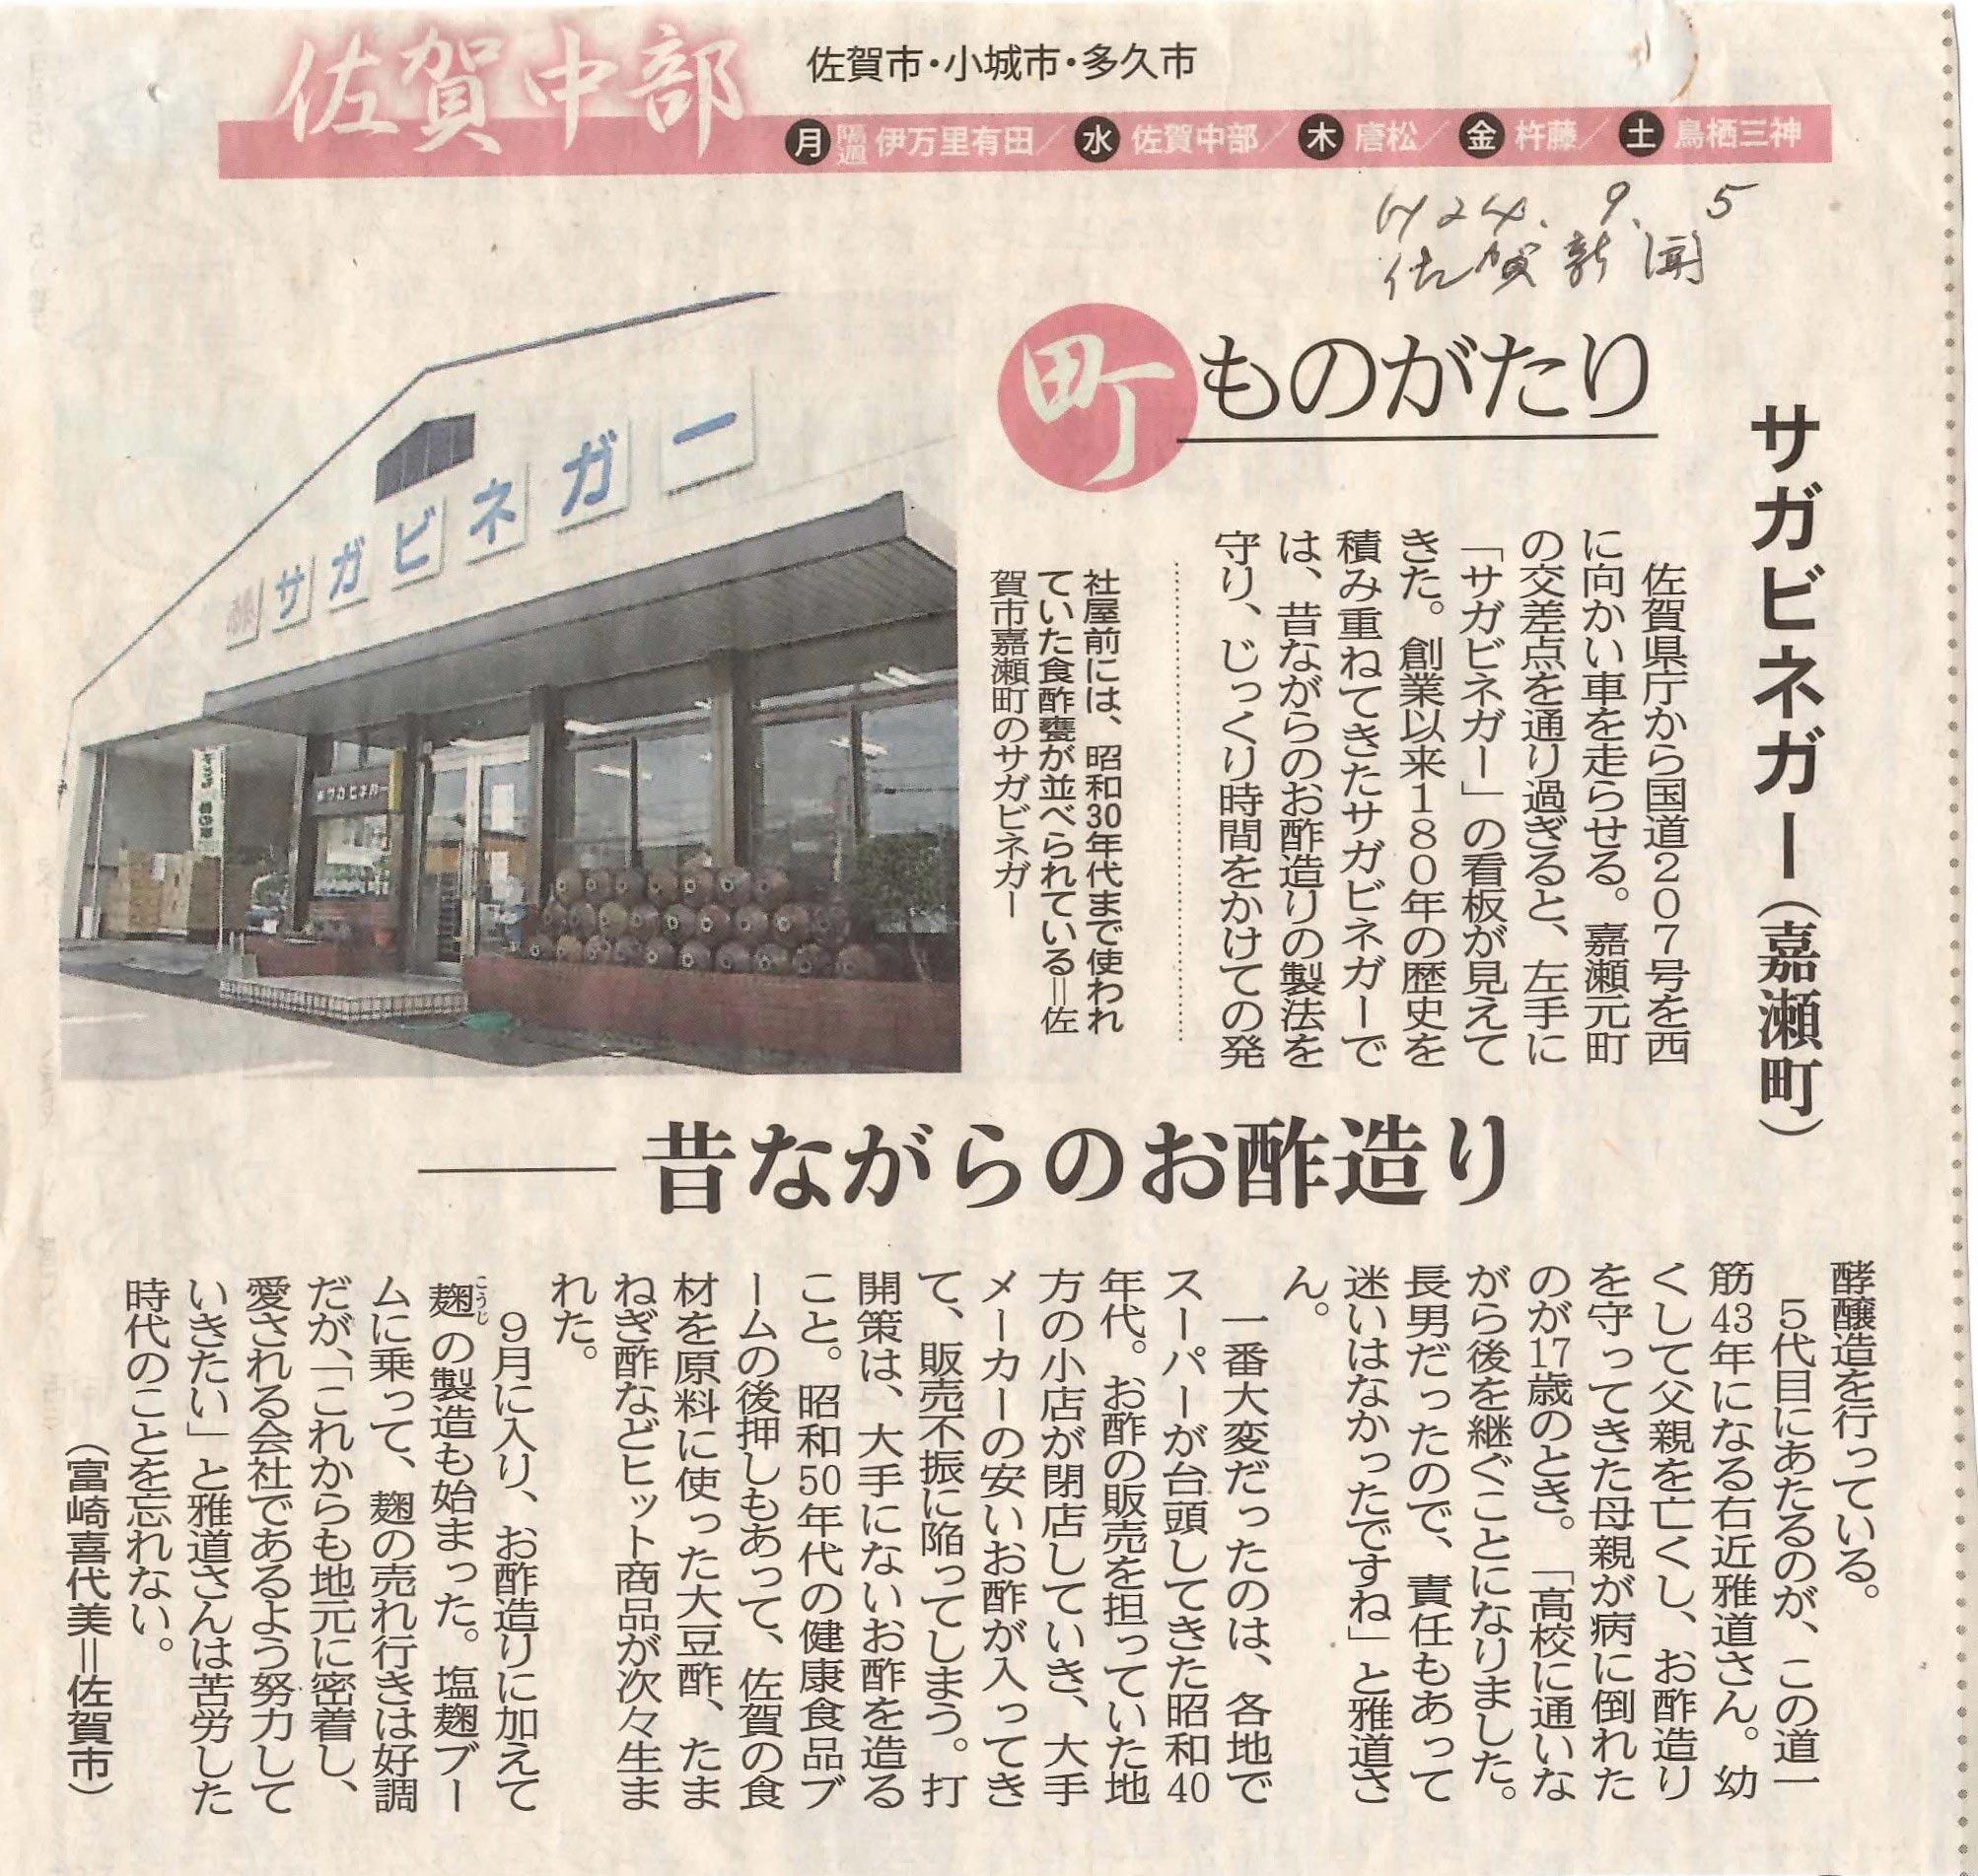 新聞掲載 2012年(平成24年)9月5日 佐賀新聞 「町ものがたり」